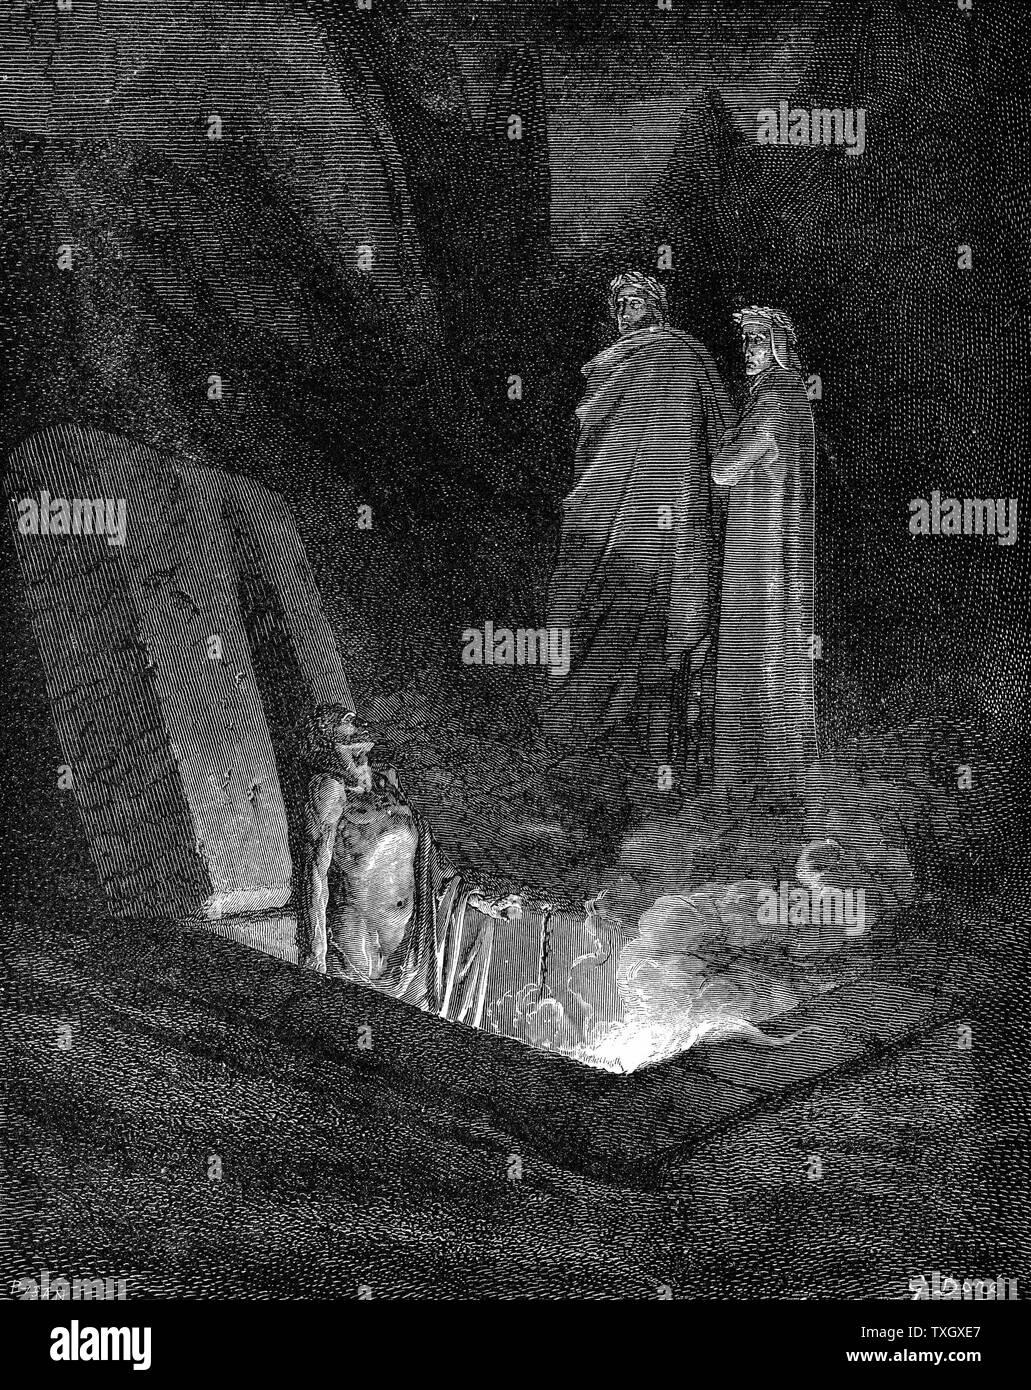 """Dante Alighieri (1265-1321) poeta italiano: 'infierno' la primera parte de su """"Divina Commedia"""" (Divina Comedia) ilustrada por Gustave Doré 1863. Canto X: Dante, manteniéndose cerca de su guía Virgilio, mira uno de los pecadores en el infierno en sus tumbas abiertas. Grabado en madera Foto de stock"""